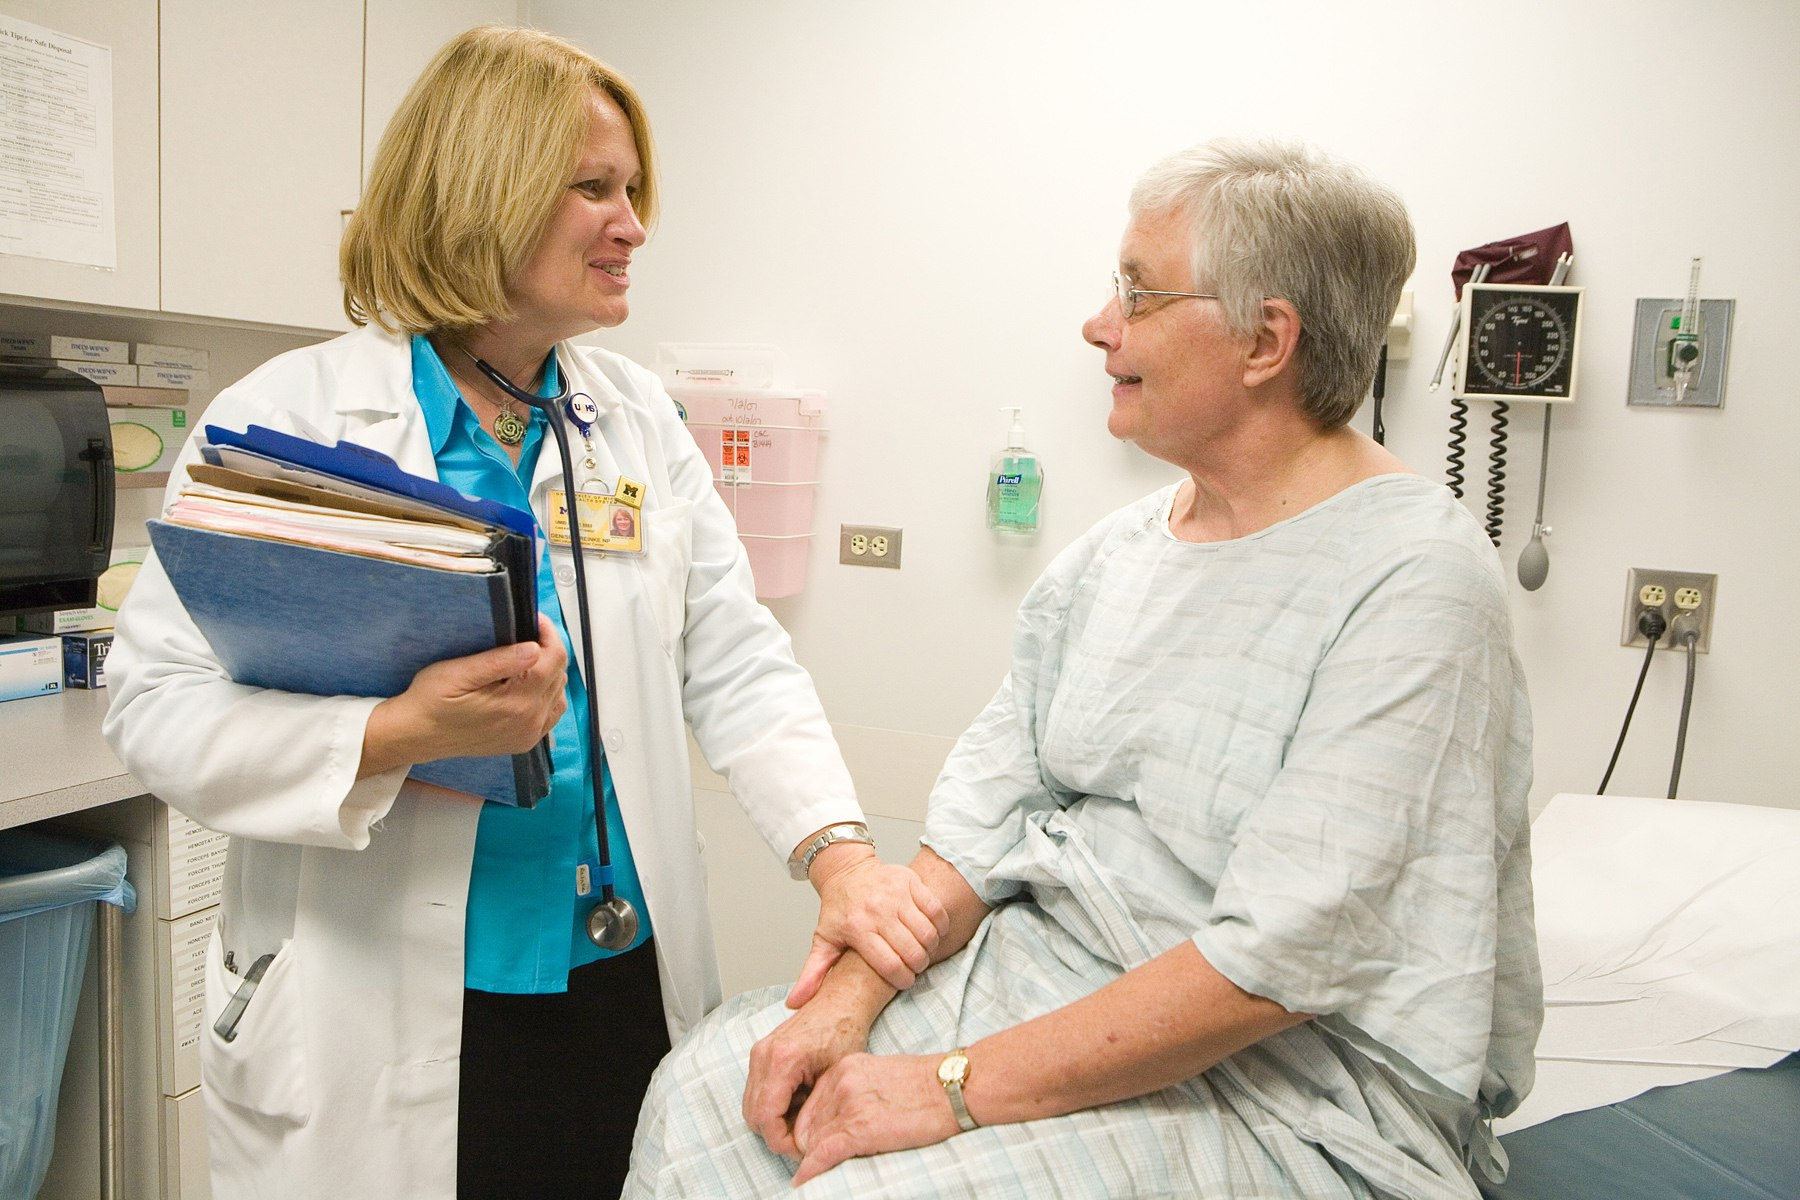 Практикующая медсестра. Фото: medleague.com